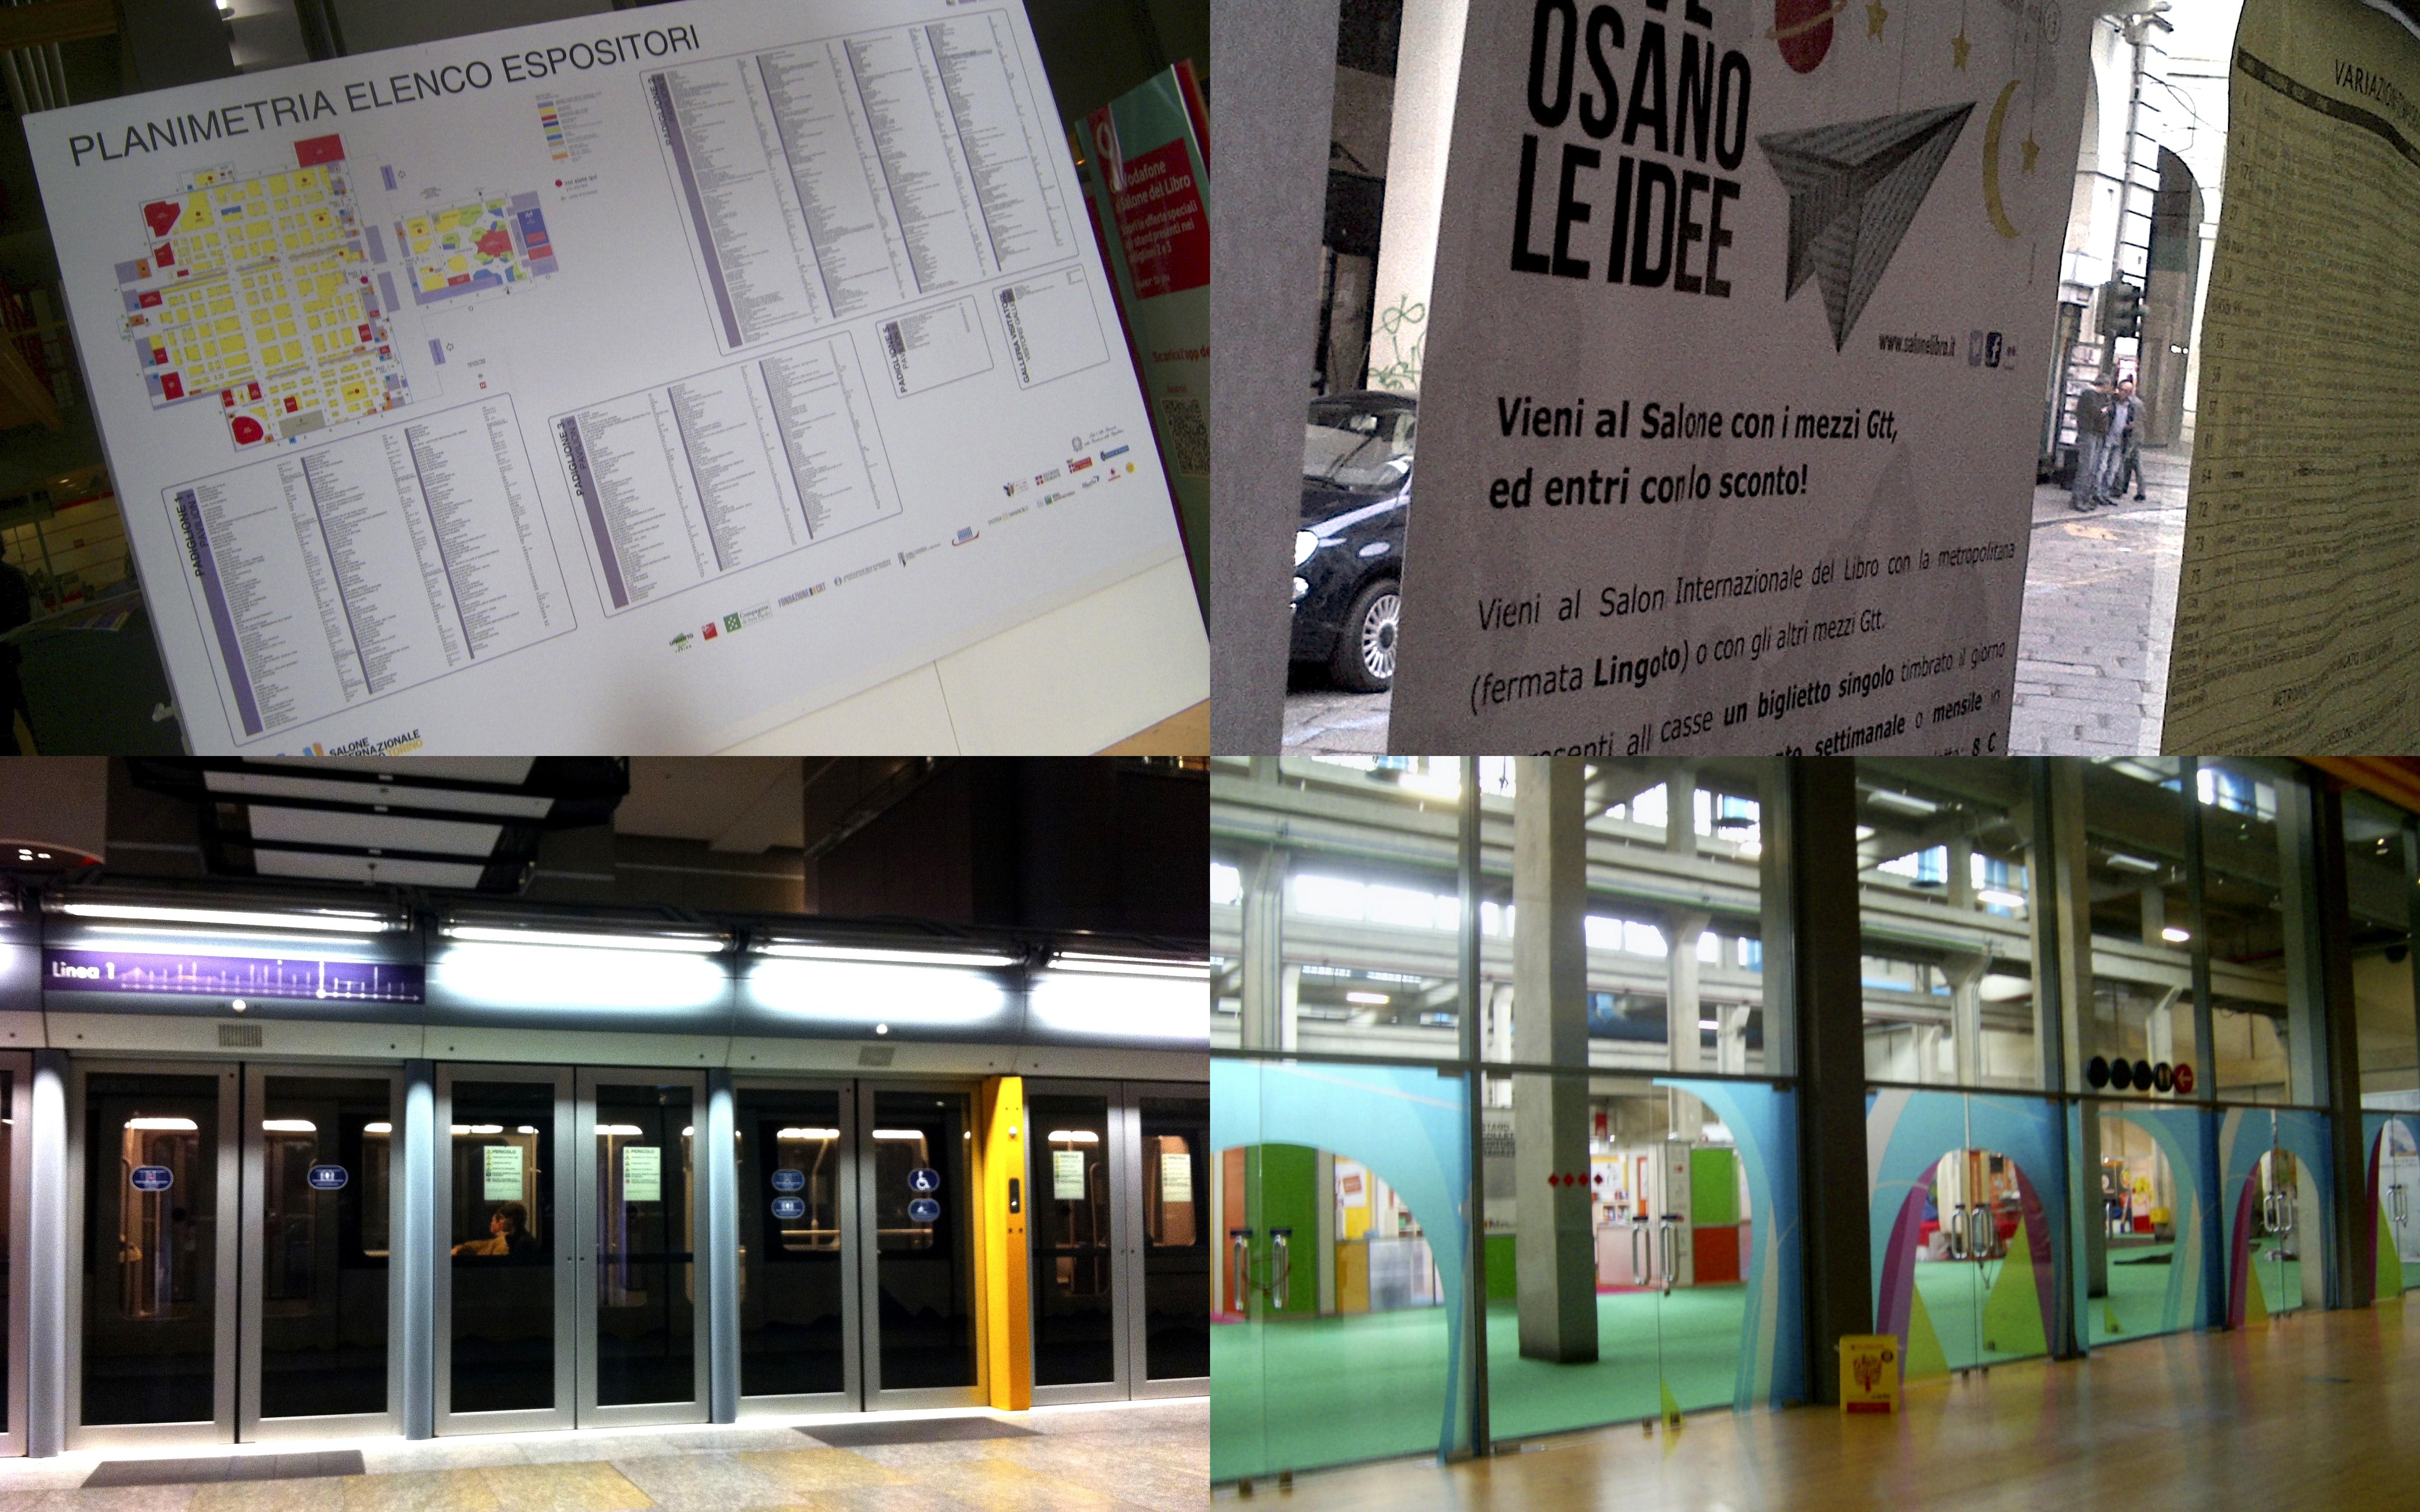 La citt che abbiamo percorso per arrivare al Lingotto ¨ tutta al servizio di questo evento negozi che pubblicizzano mezzi pubblici che cambiano gli orari